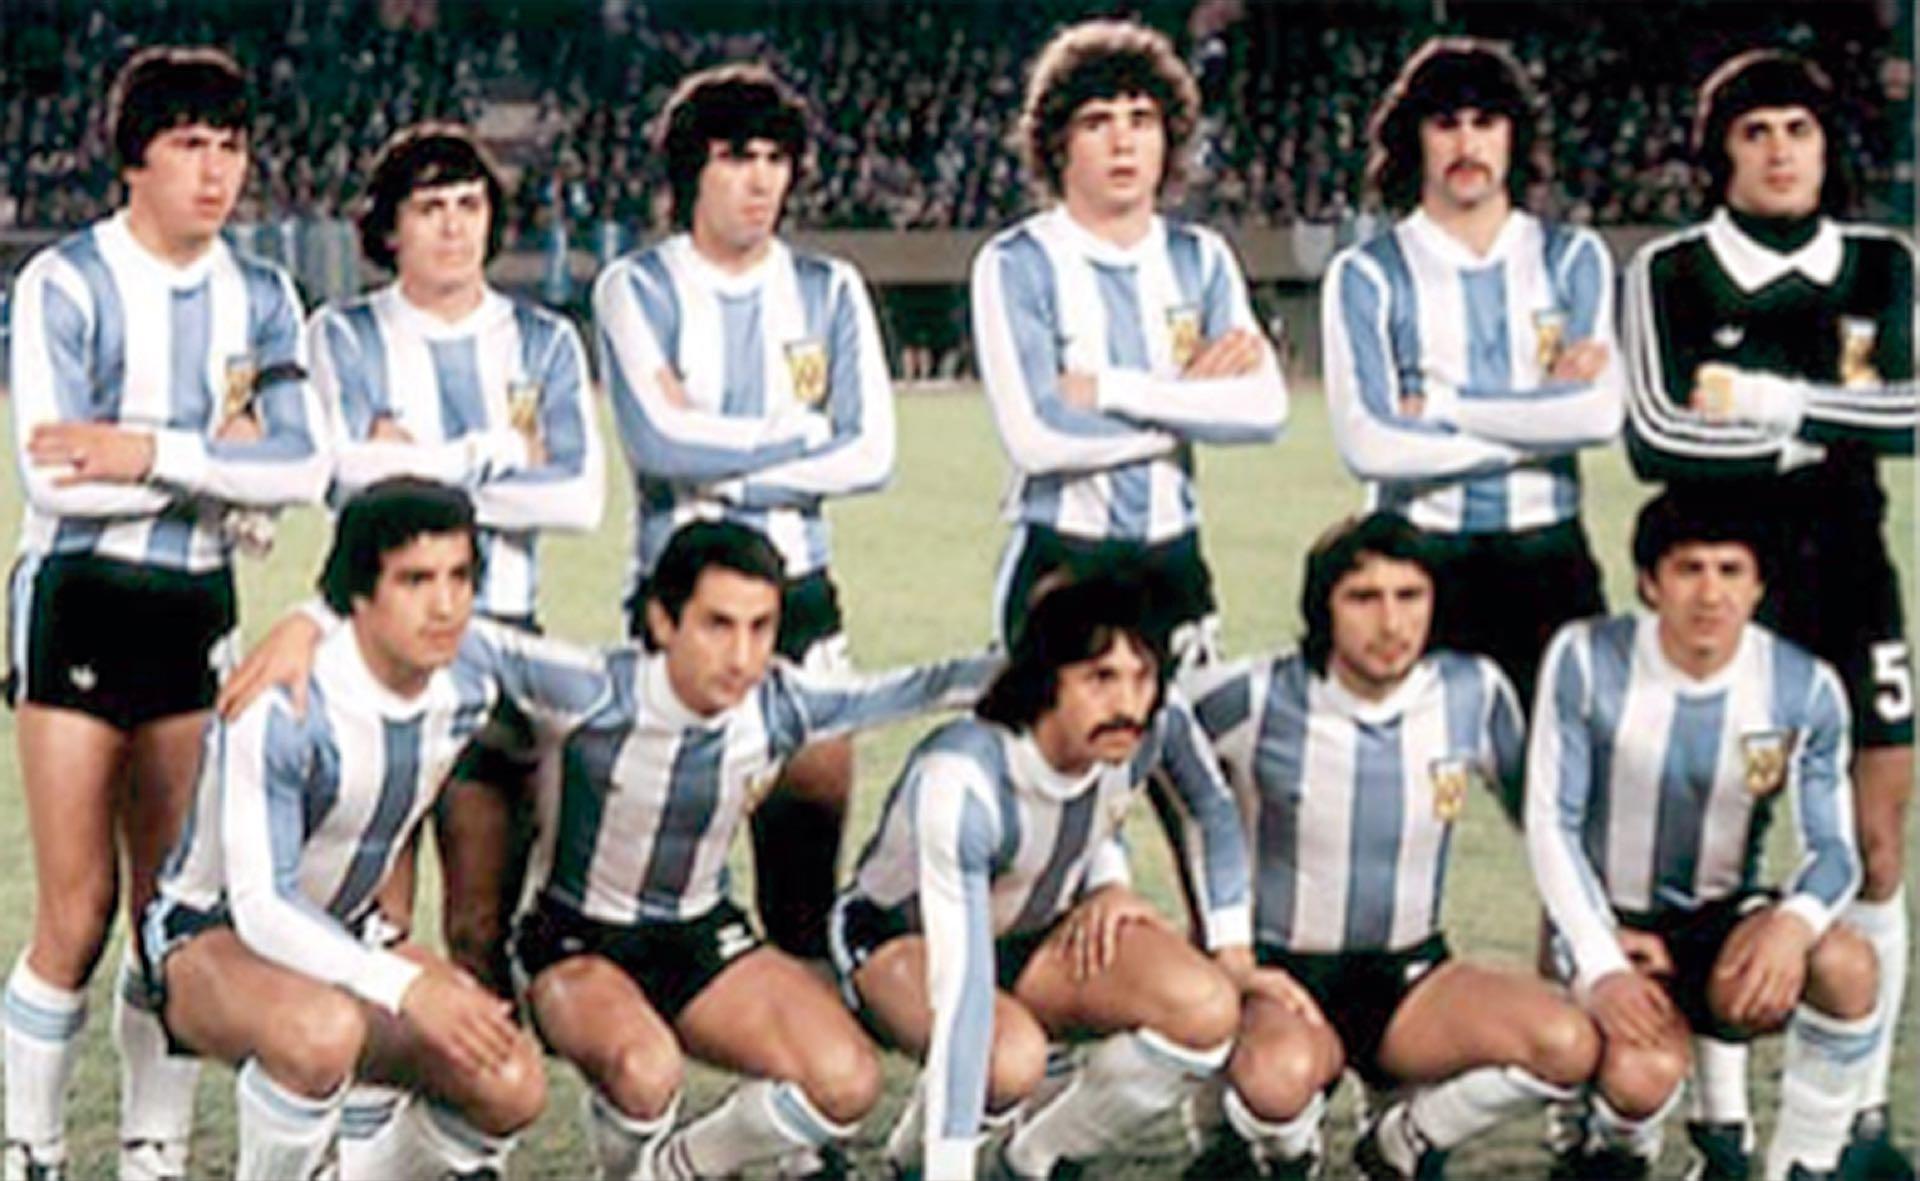 De memoria: parados, Passarella, Houseman, Olguín, Tarantini, Kempes yFillol; en cuclillas, Gallego, Ardiles, Luque, Valencia y Galván